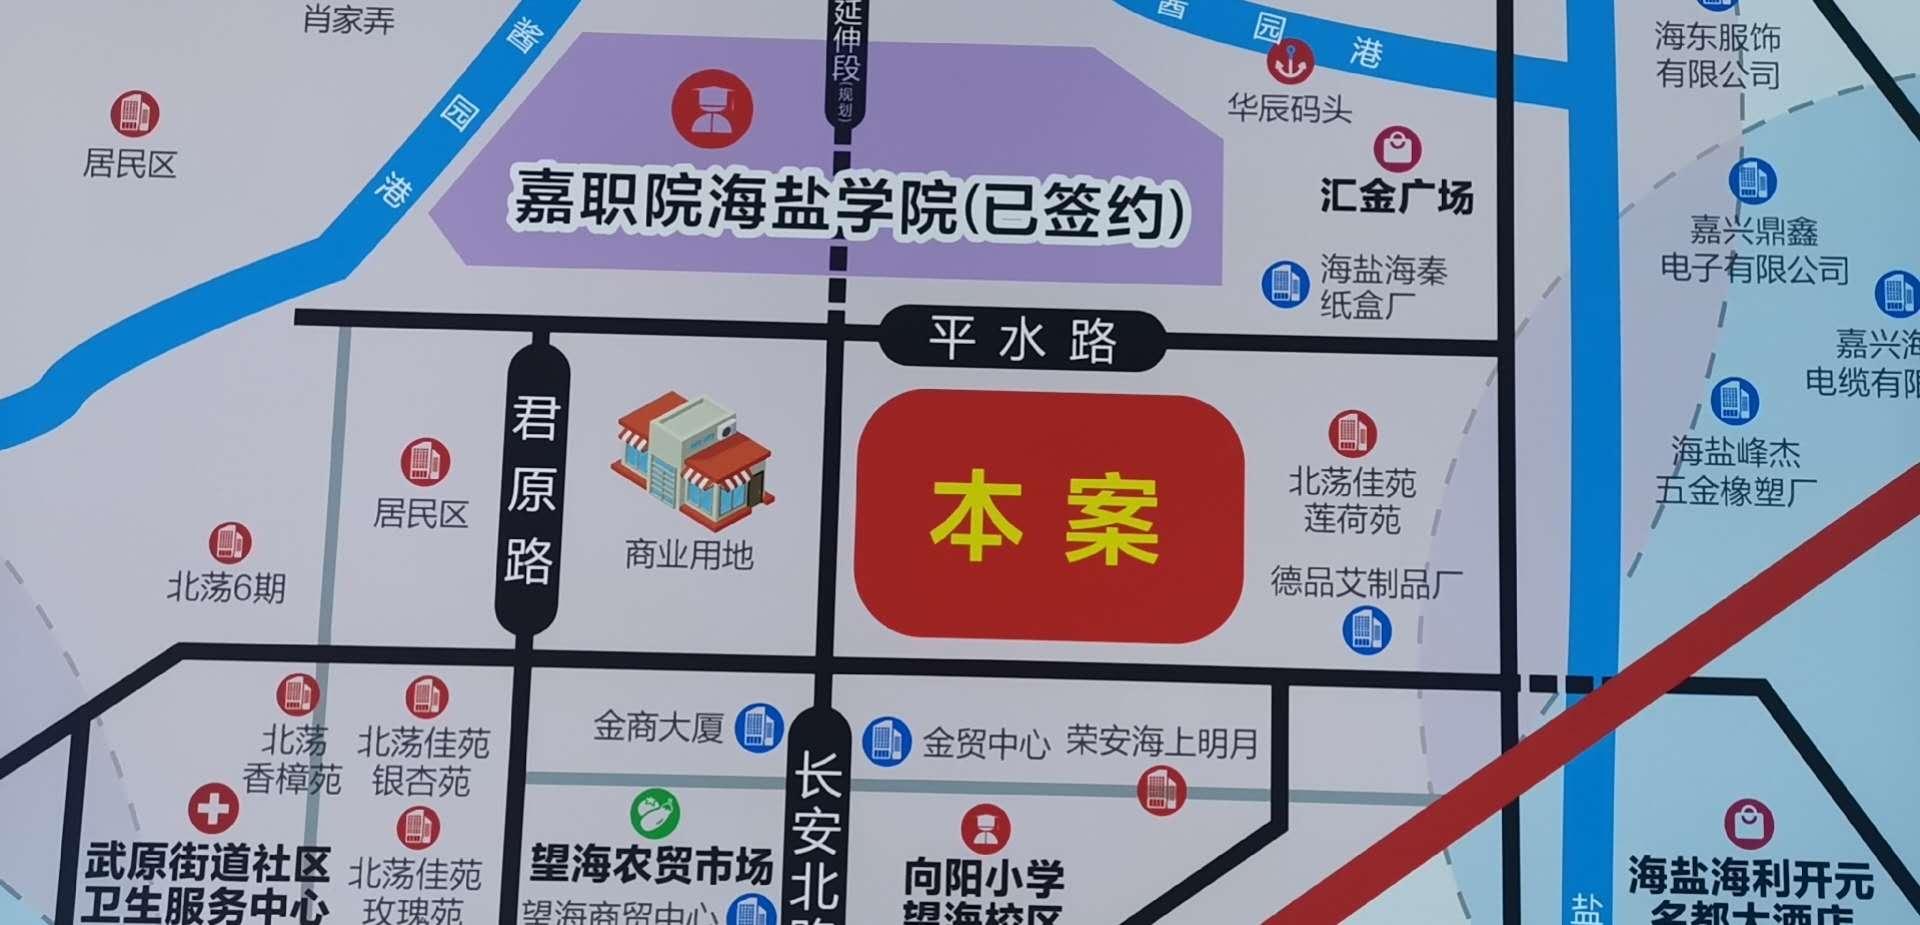 长安商业广场交通图-小柯网